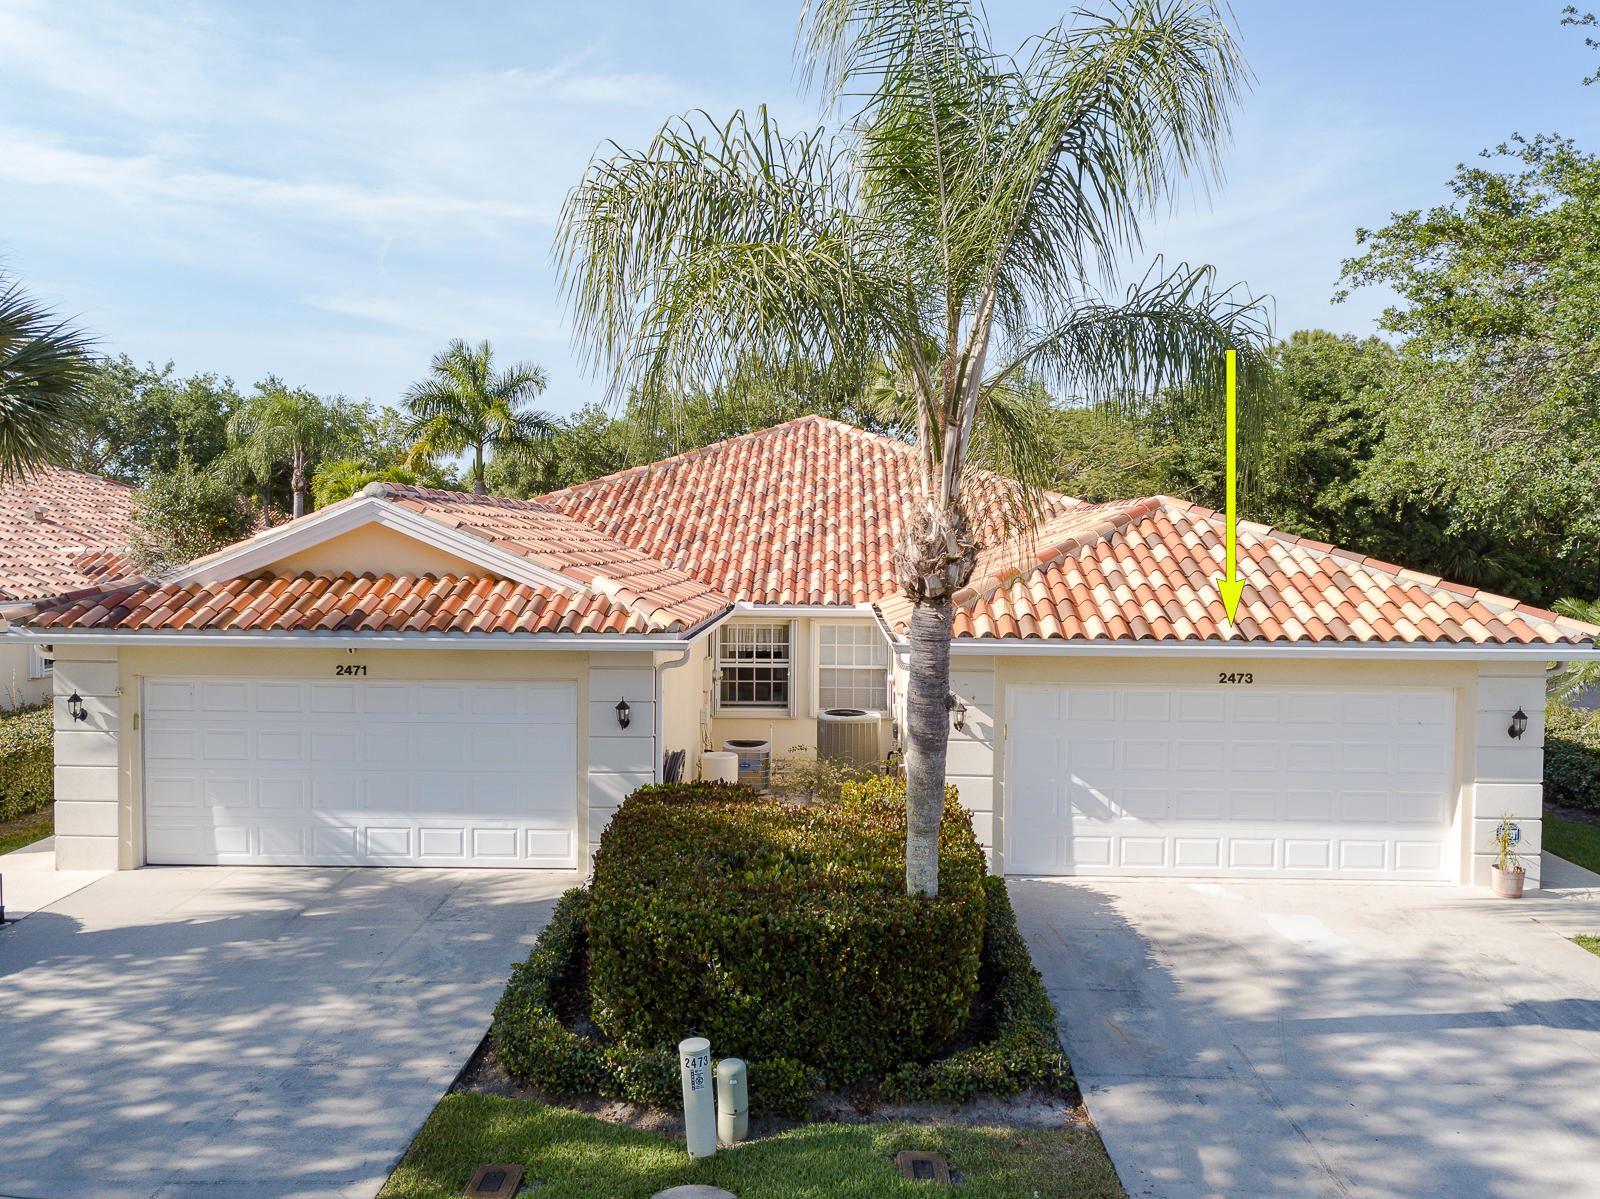 2473 SW Parkside Drive, Palm City, FL 34990 - #: RX-10614771